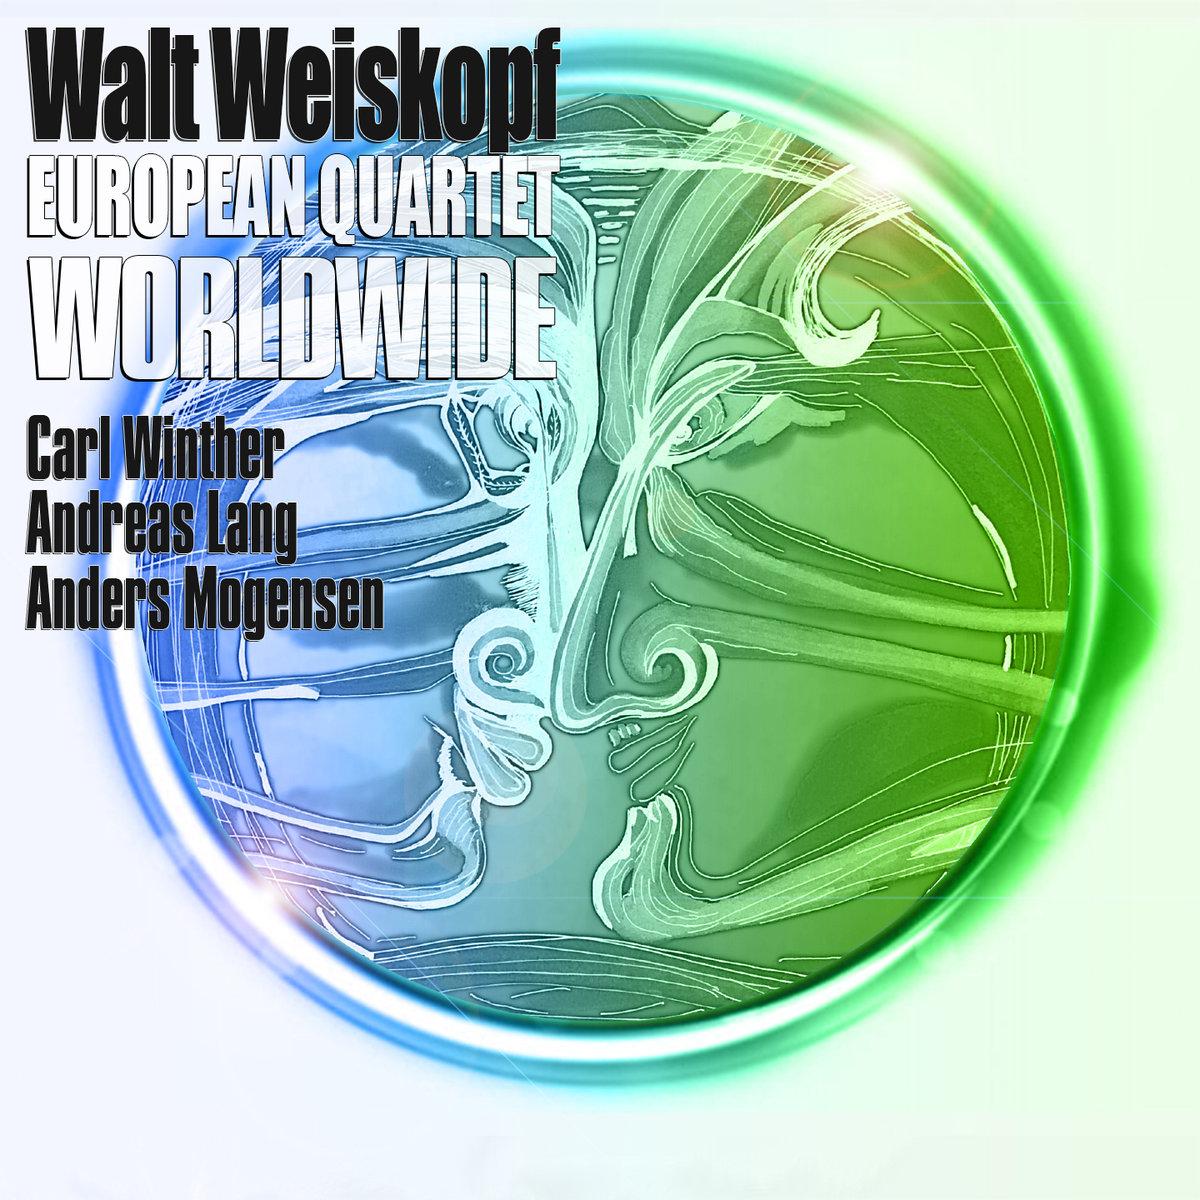 0065 Walt Weiskopf Europ.jpg